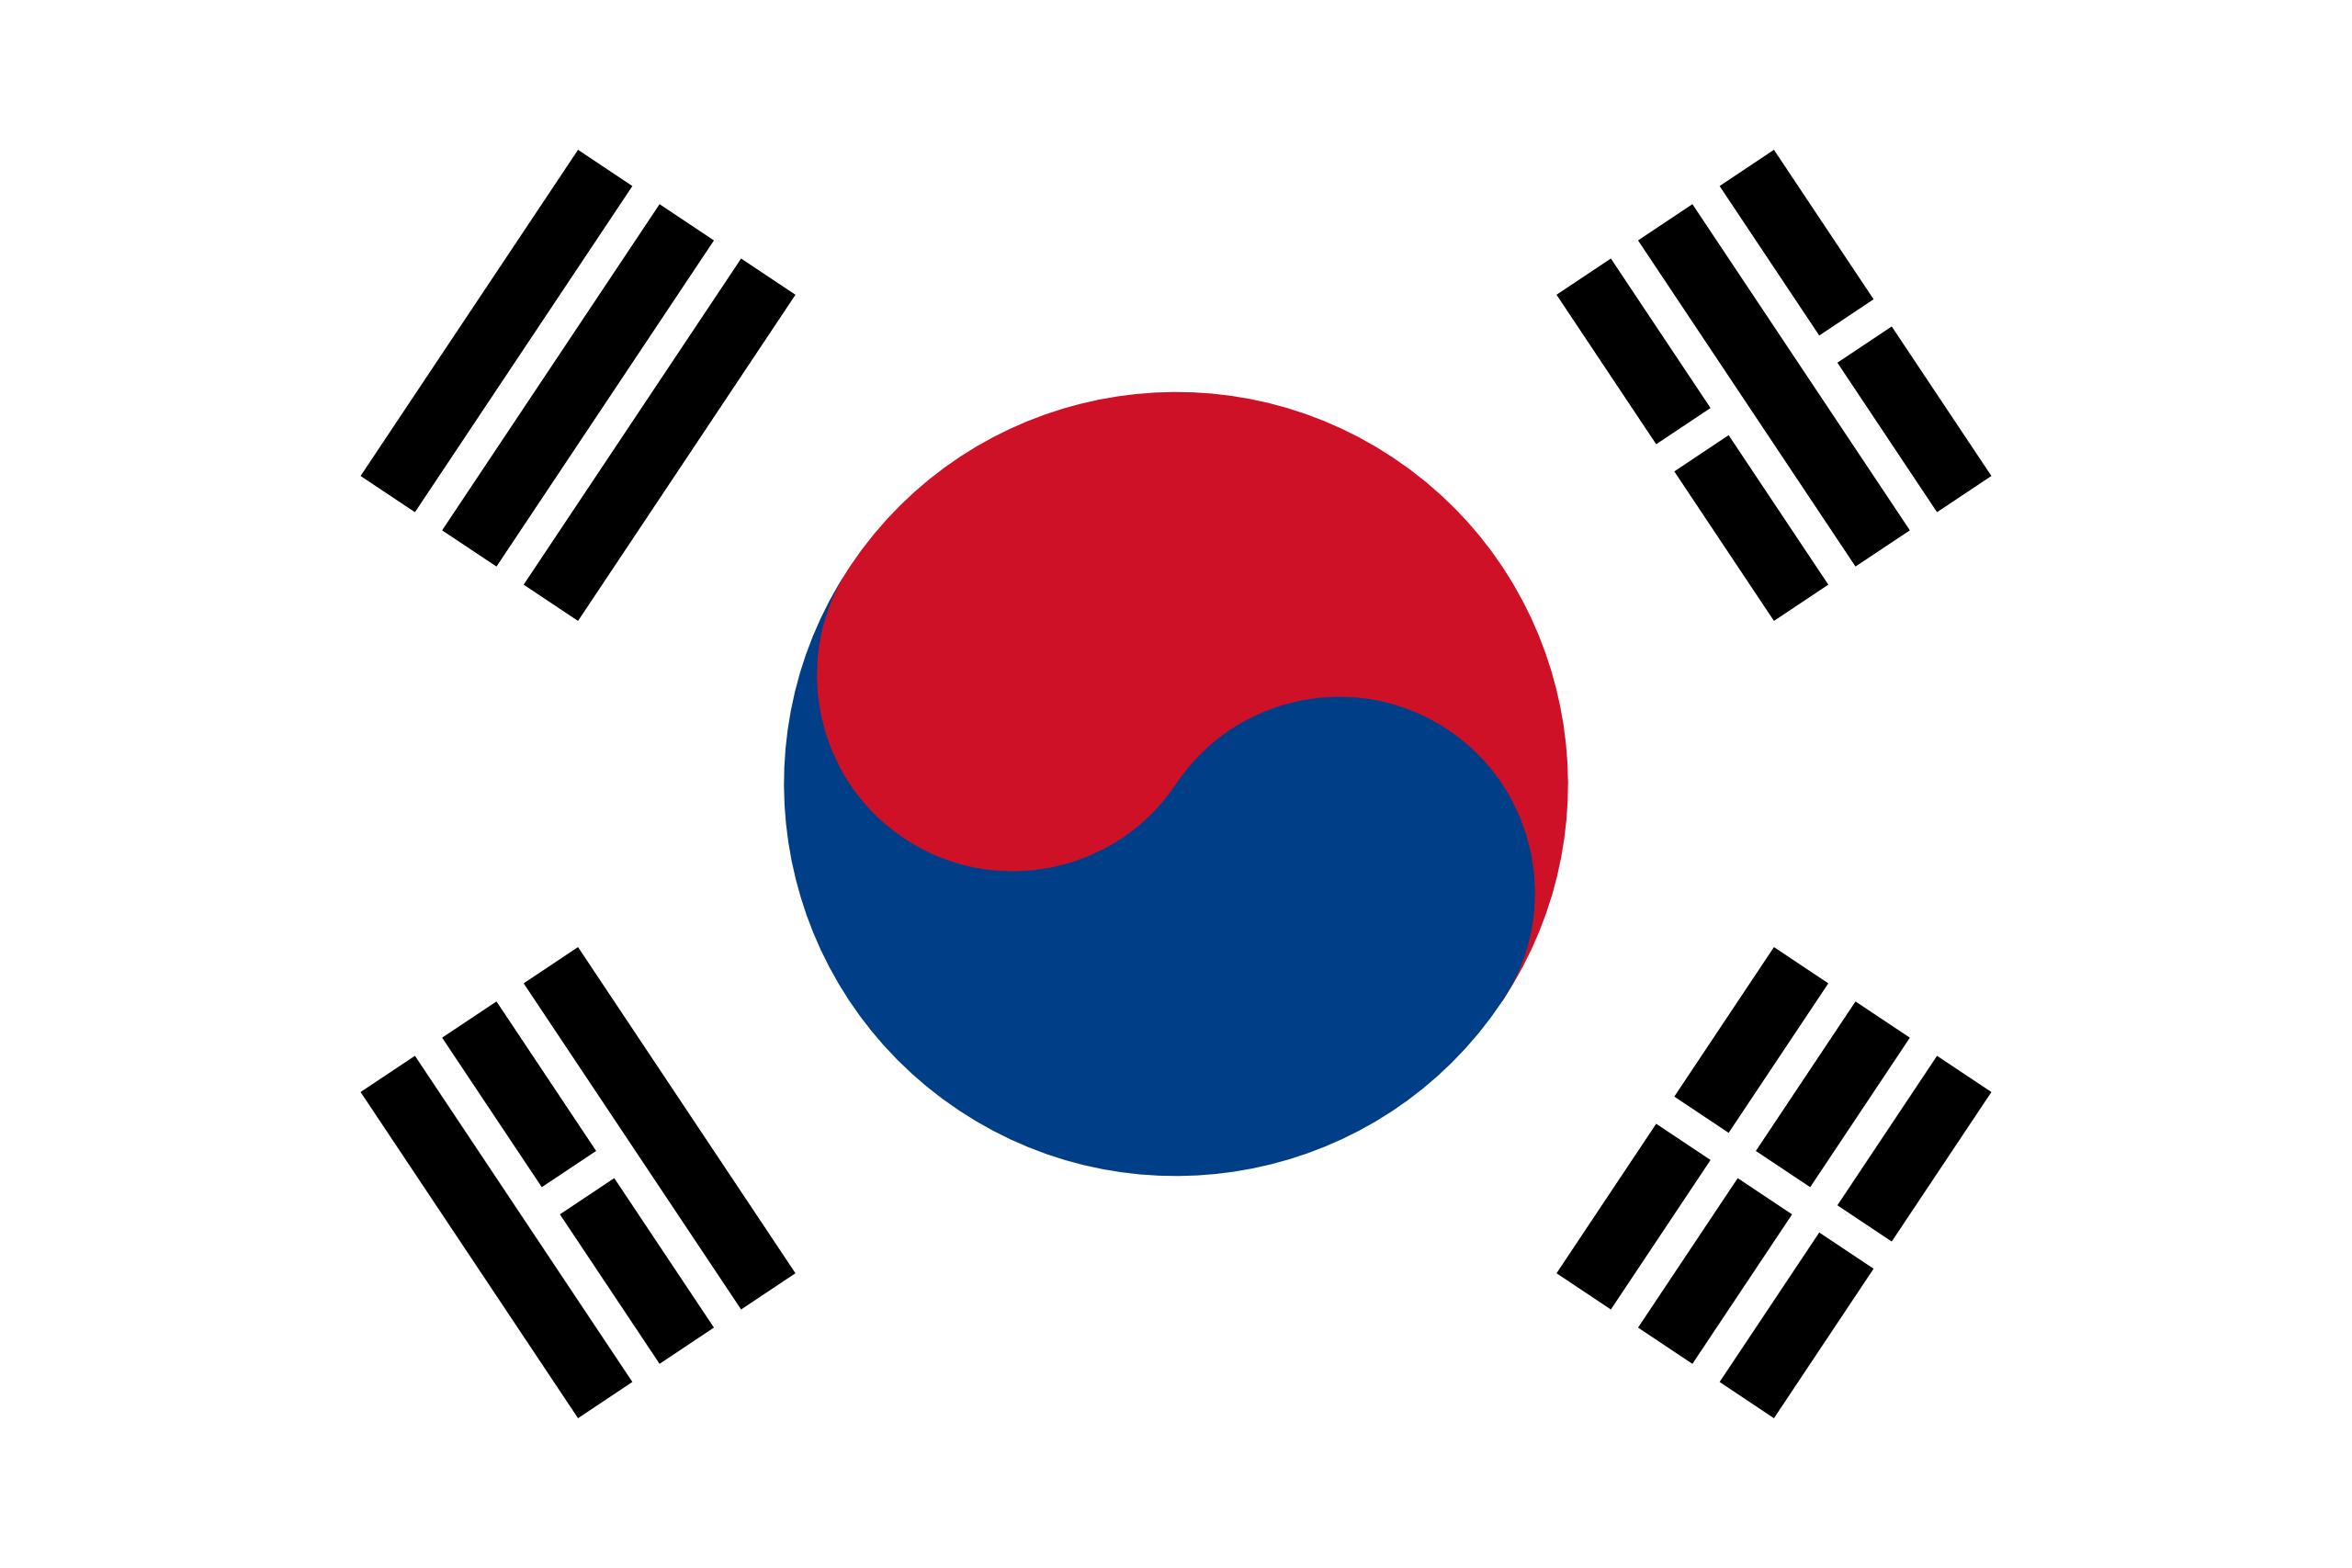 Thông tin về cơ quan đại diện Việt Nam tại Hàn Quốc